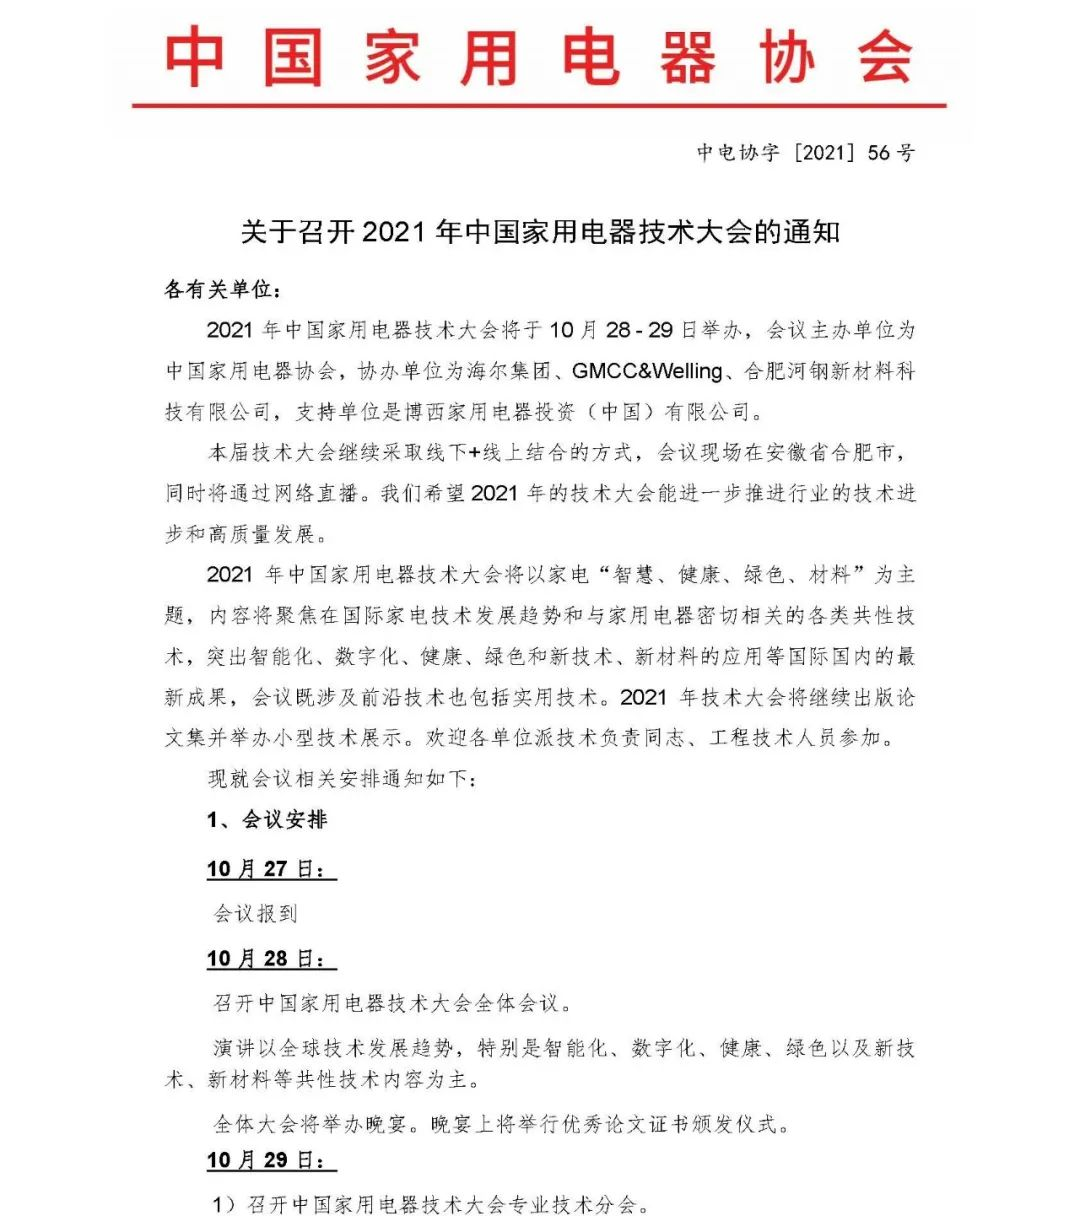 官宣!2021年中国家用电器技术大会将于10月28~29日在合肥举办